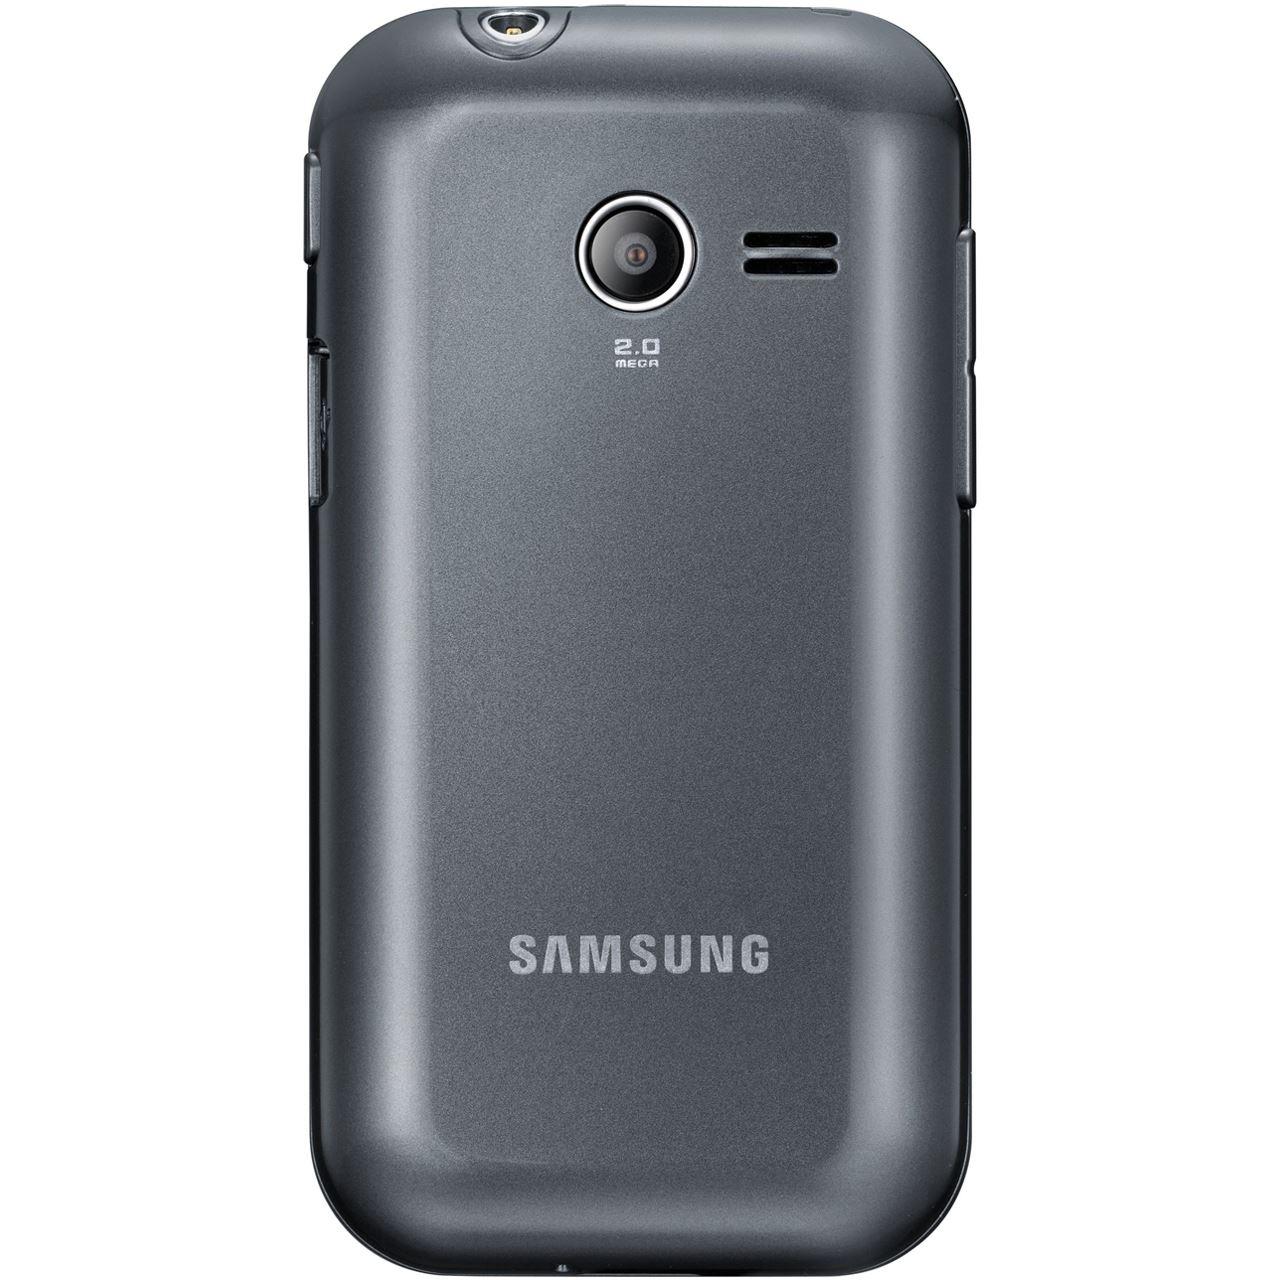 Samsung 350 Handys Ohne Vertrag Mindfactoryde Hardware